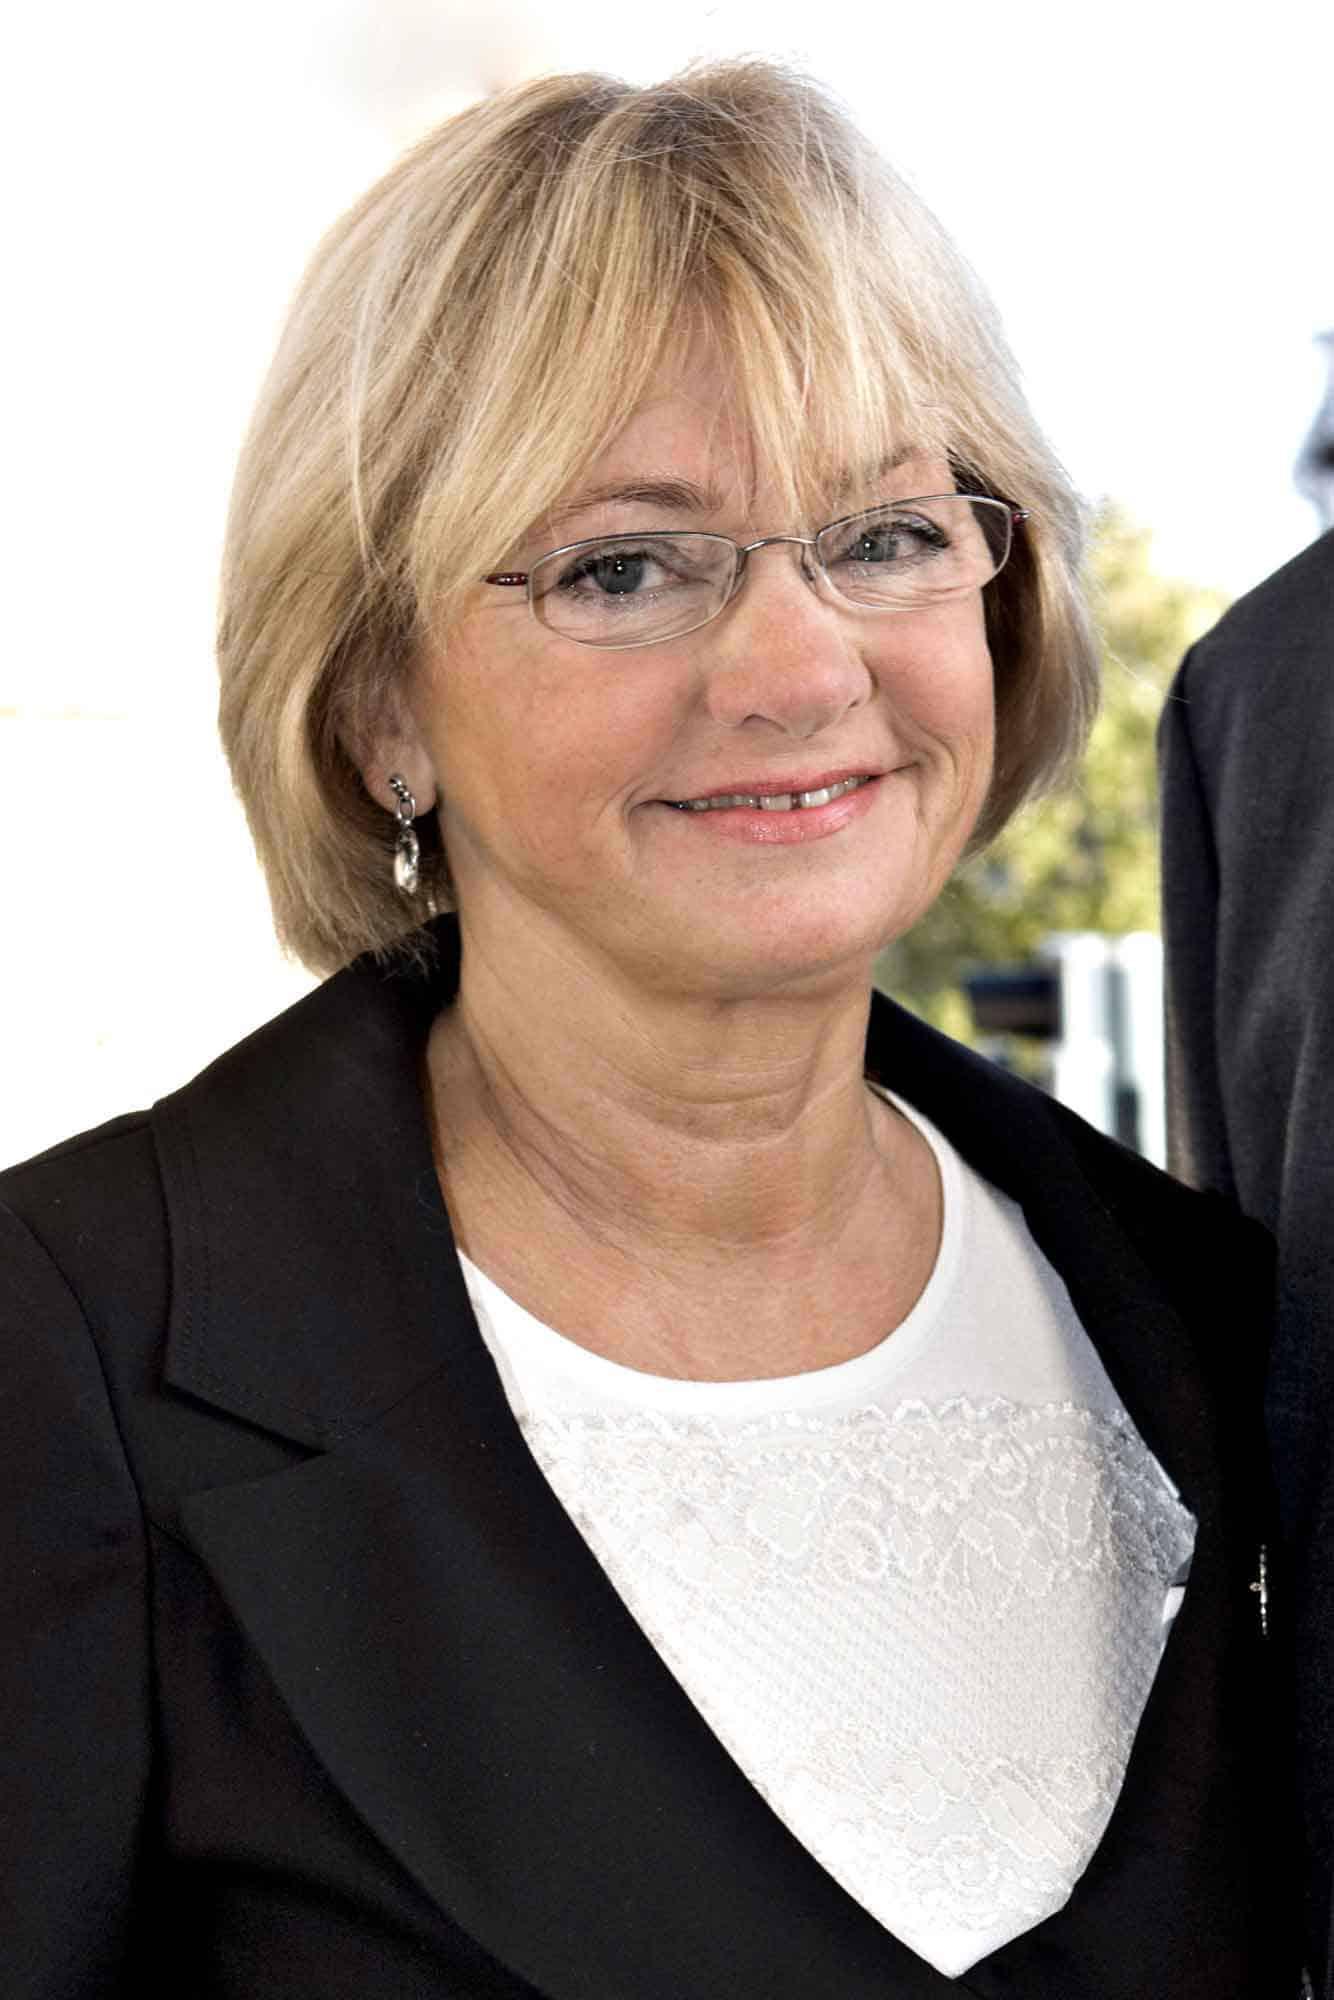 Tild. Partileder og formand for Folketinget Pia Kjærsgaard - Dansk Folkeparti